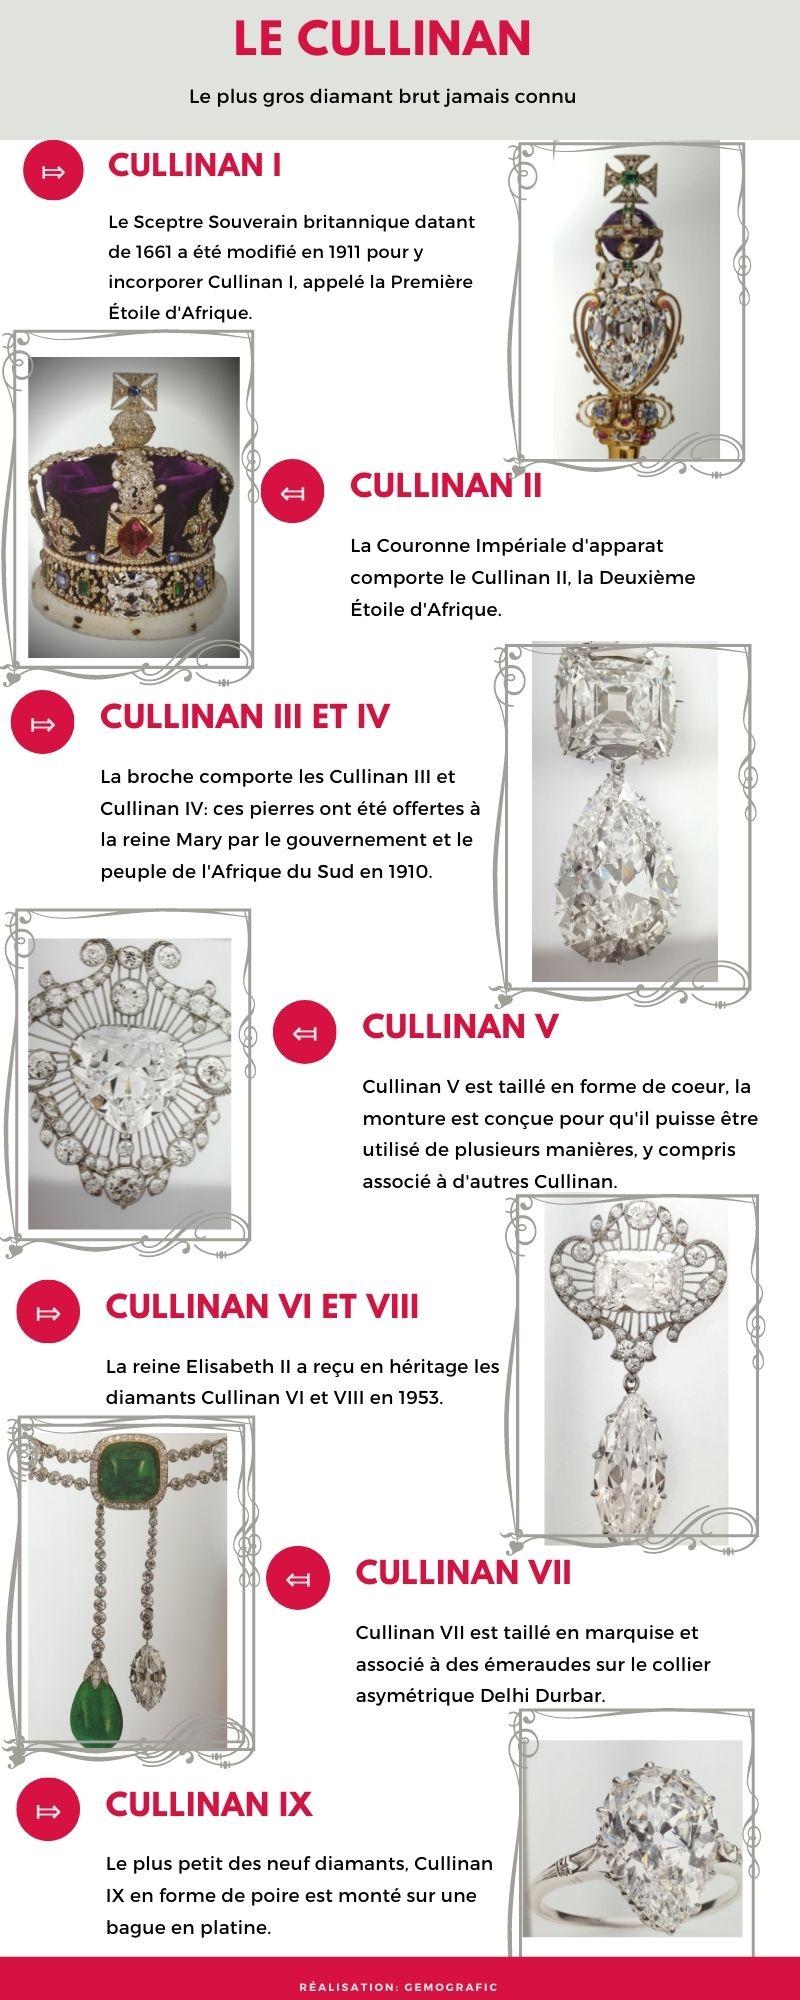 Le Cullinan, que devenu le plus gros diamant du monde